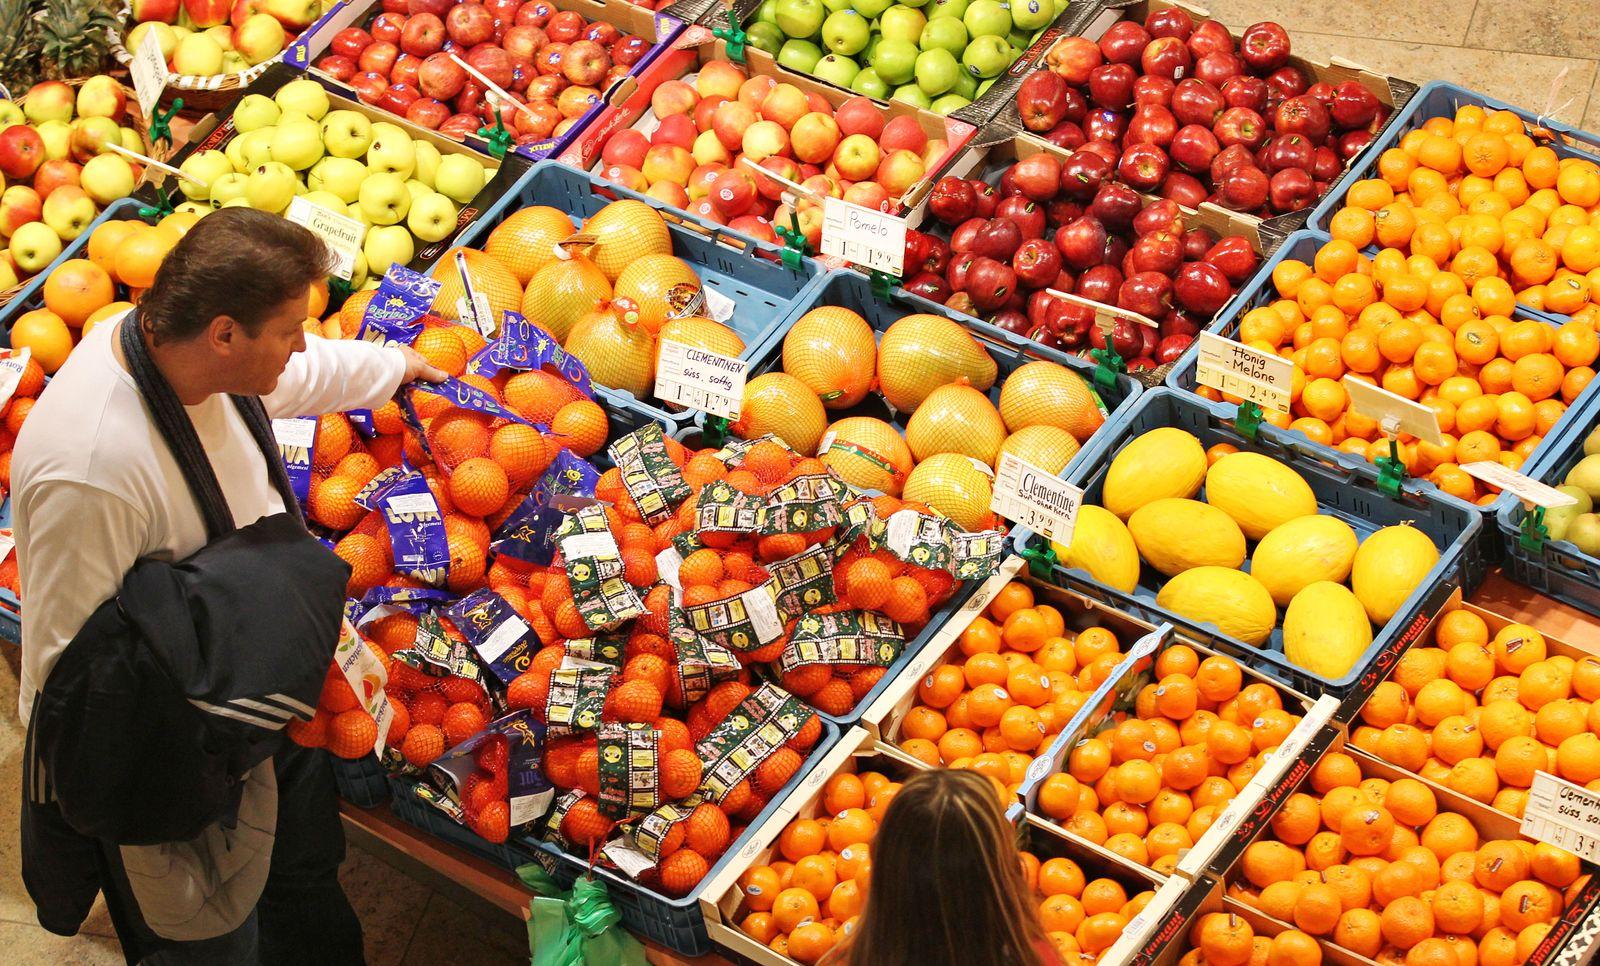 Lebensmittel / Supermarkt / Preise / preisschilder